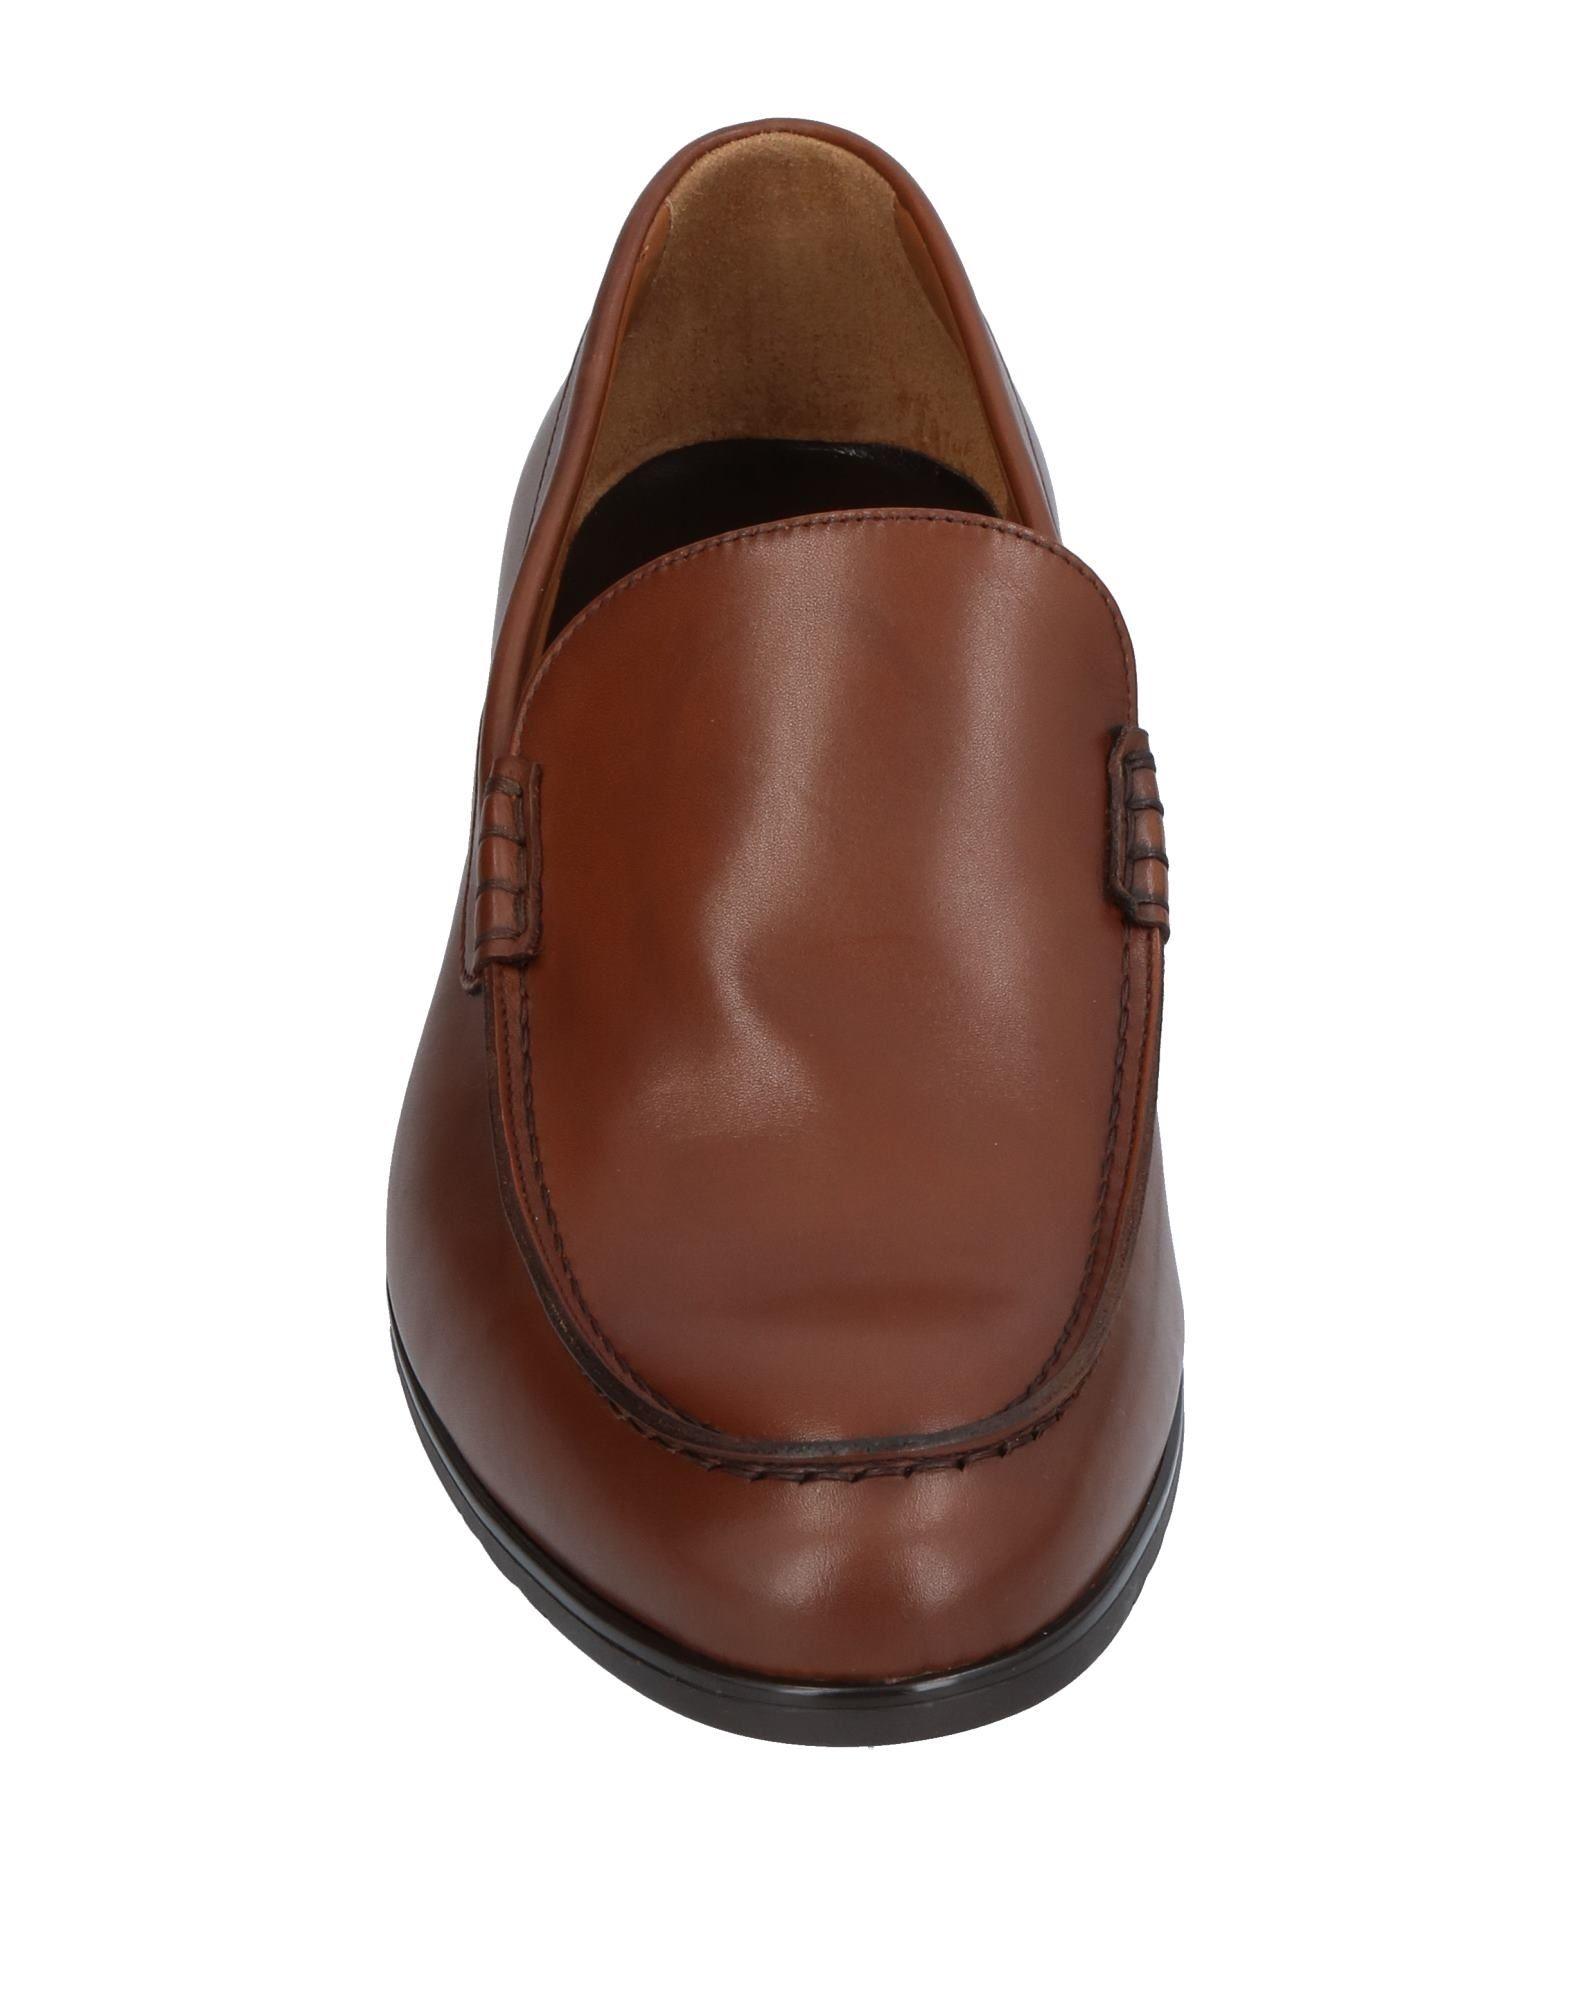 Rabatt echte Schuhe Herren Doucal's Mokassins Herren Schuhe  11404734NG 3eae16